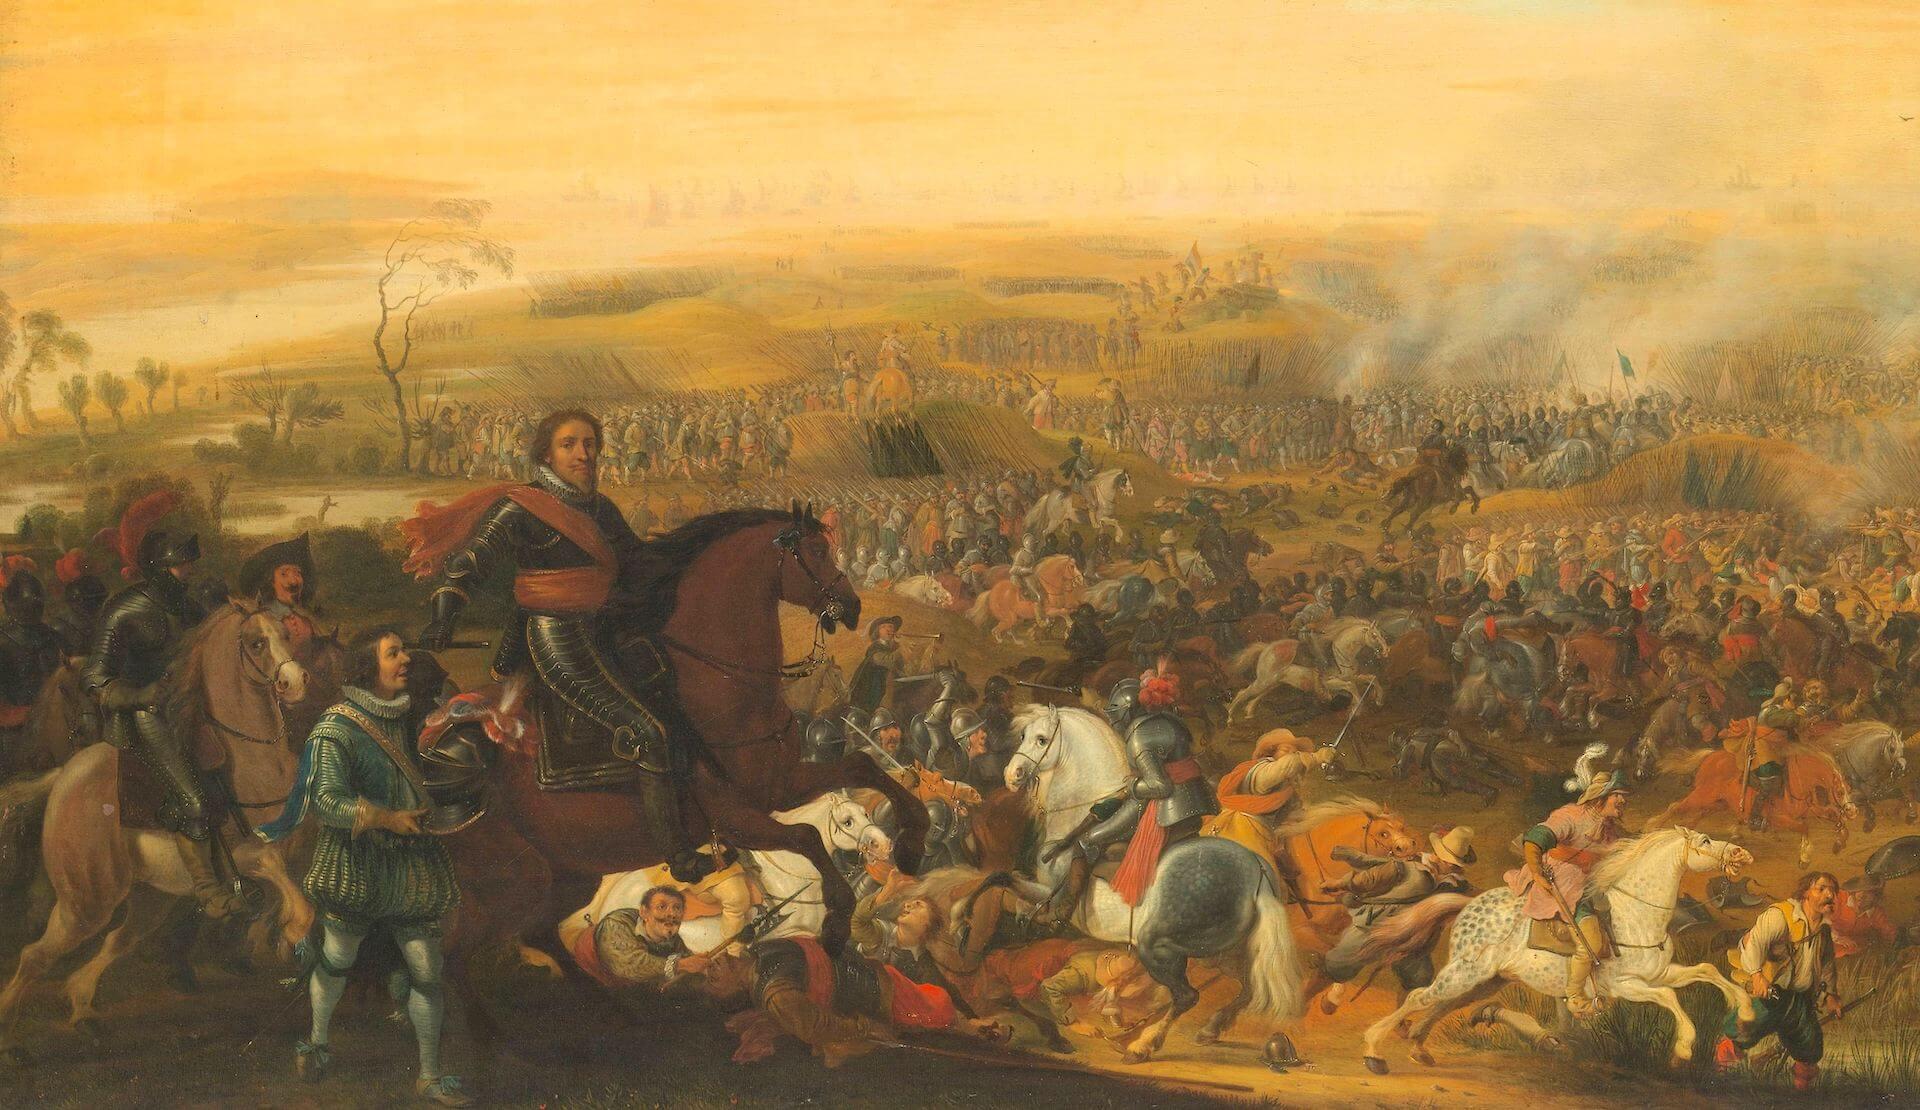 tácticas de infantería siglo XVI Mauricio de Nassau